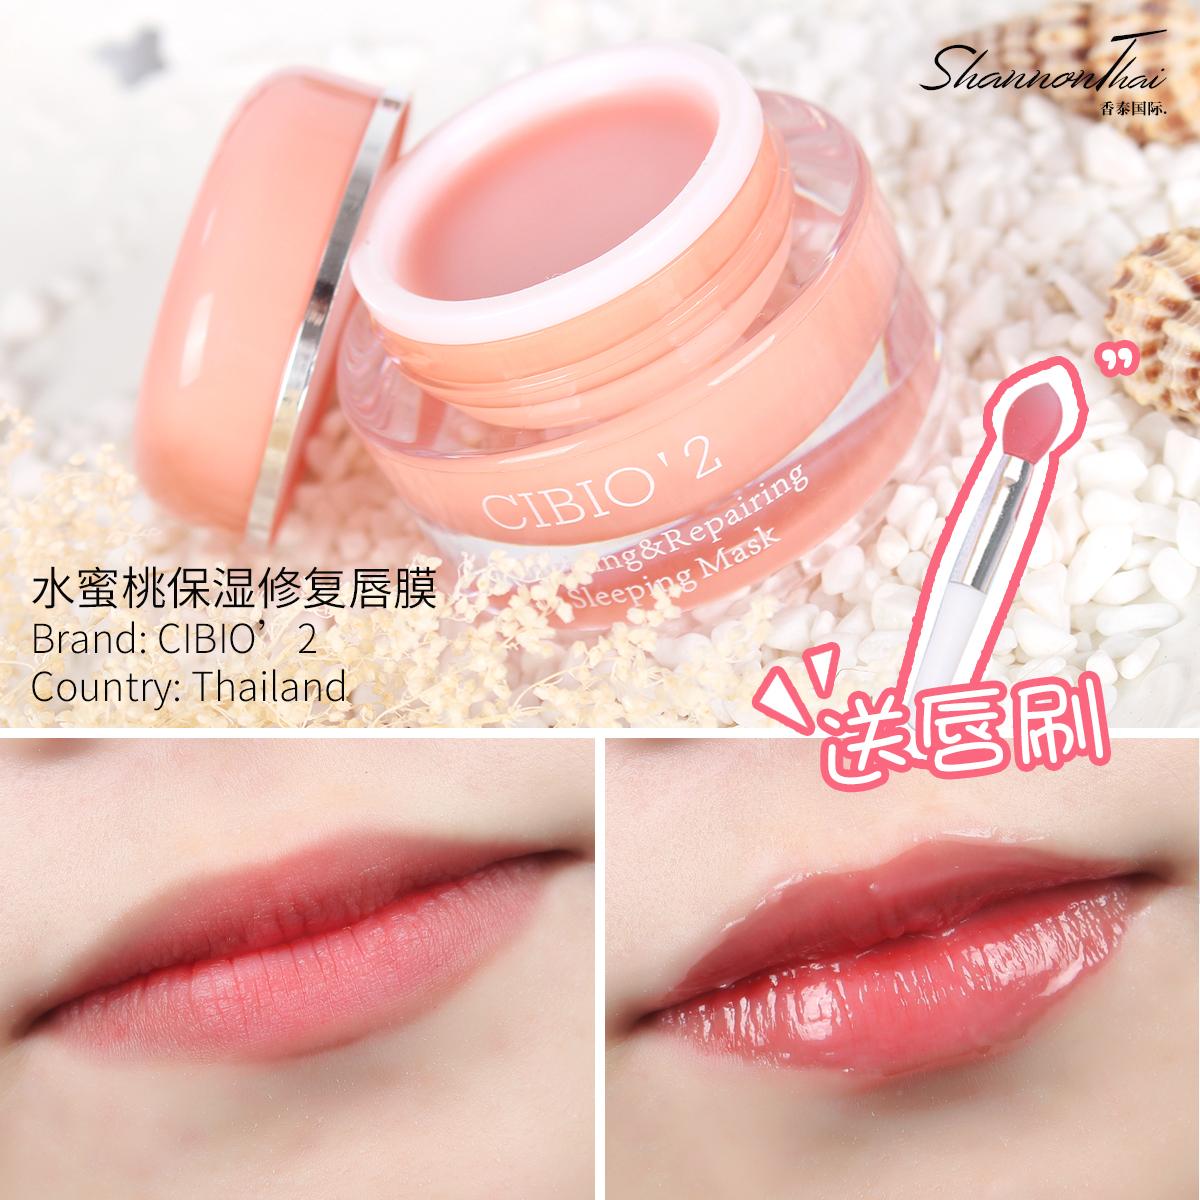 Таиланд CIBIO'2 губа мембрана персик свет из губа зерна пополнение идти мертвый кожа пополнение увлажняющий увлажняющий противо сухой трещина